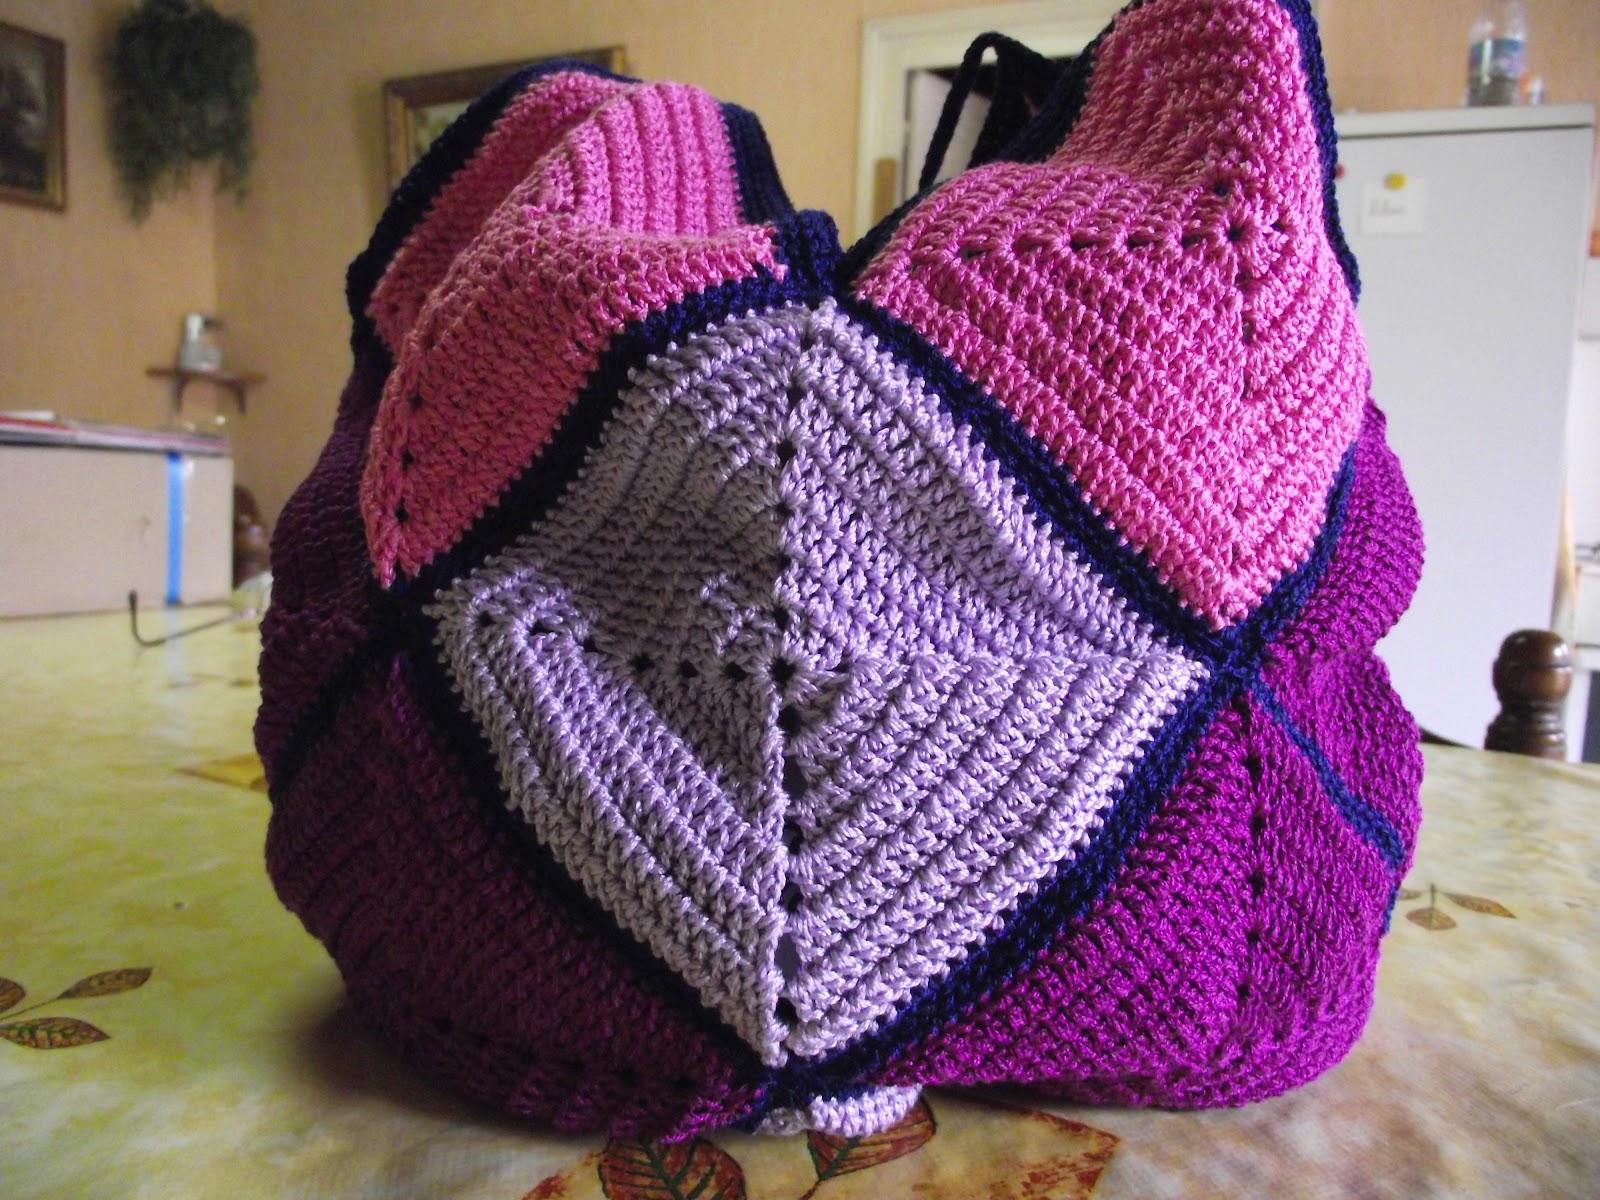 crochet et tricot facile avec explications sac au crochet. Black Bedroom Furniture Sets. Home Design Ideas